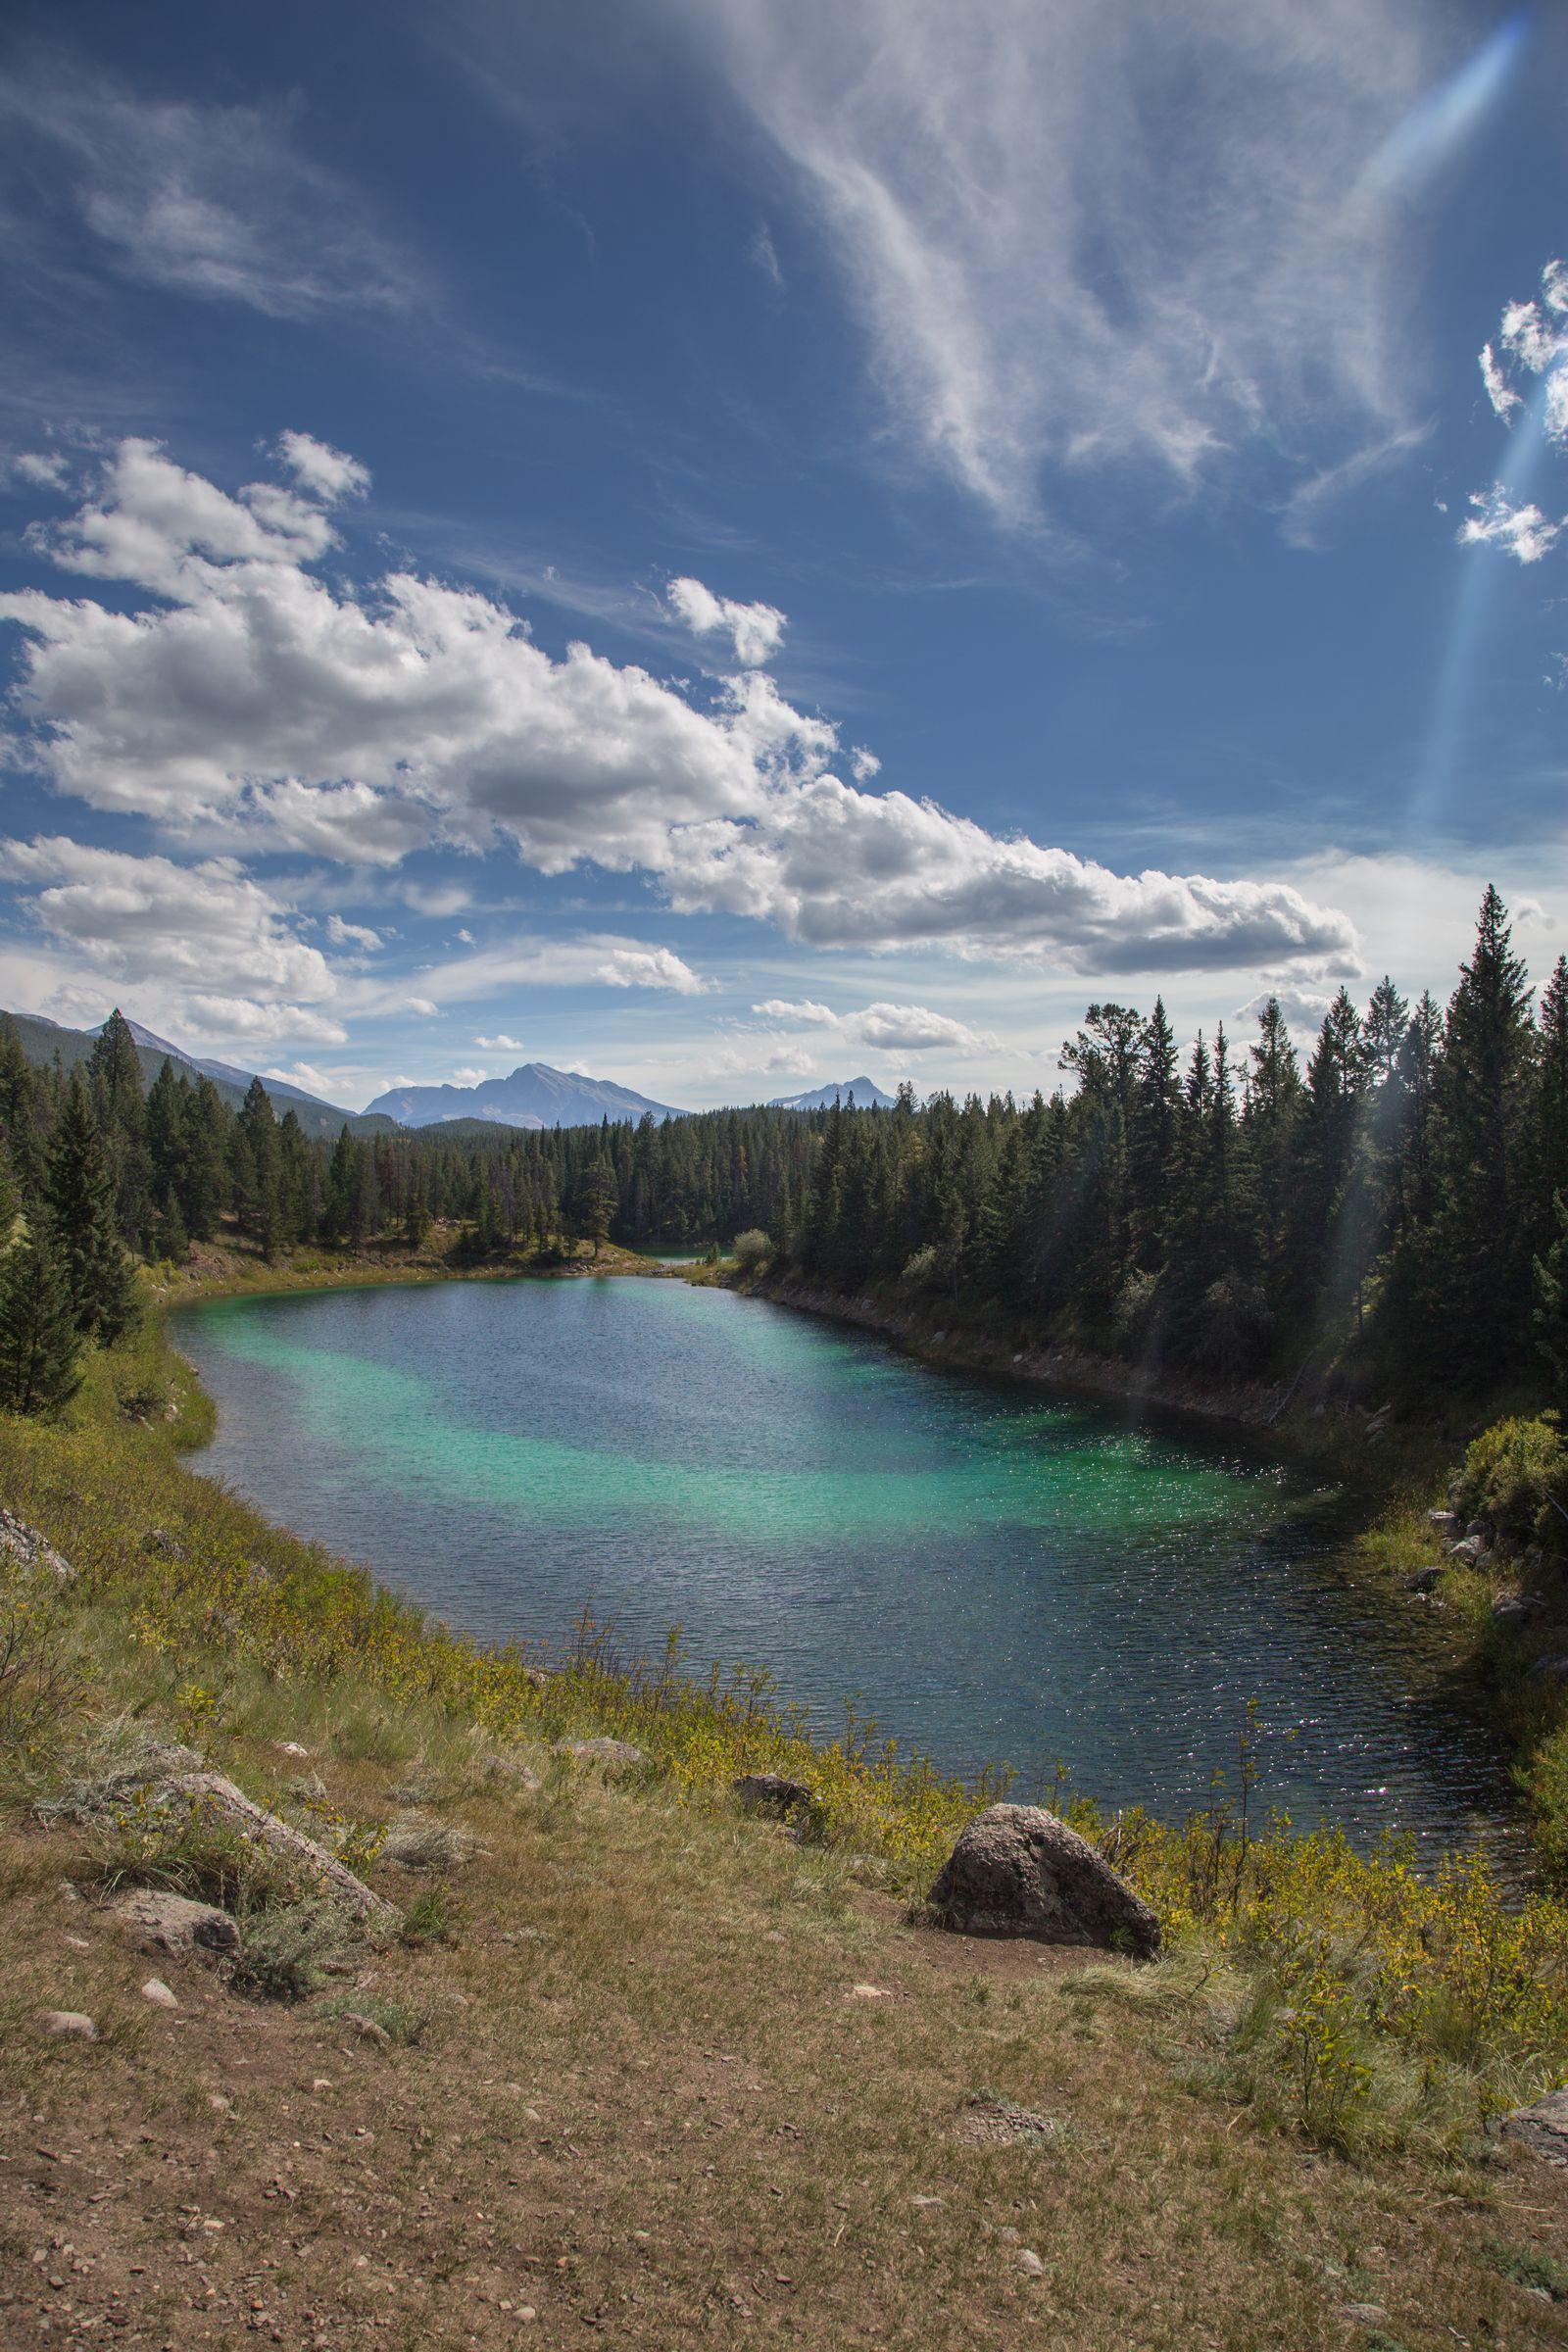 El cuarto lago, ahora echando la vista atrás